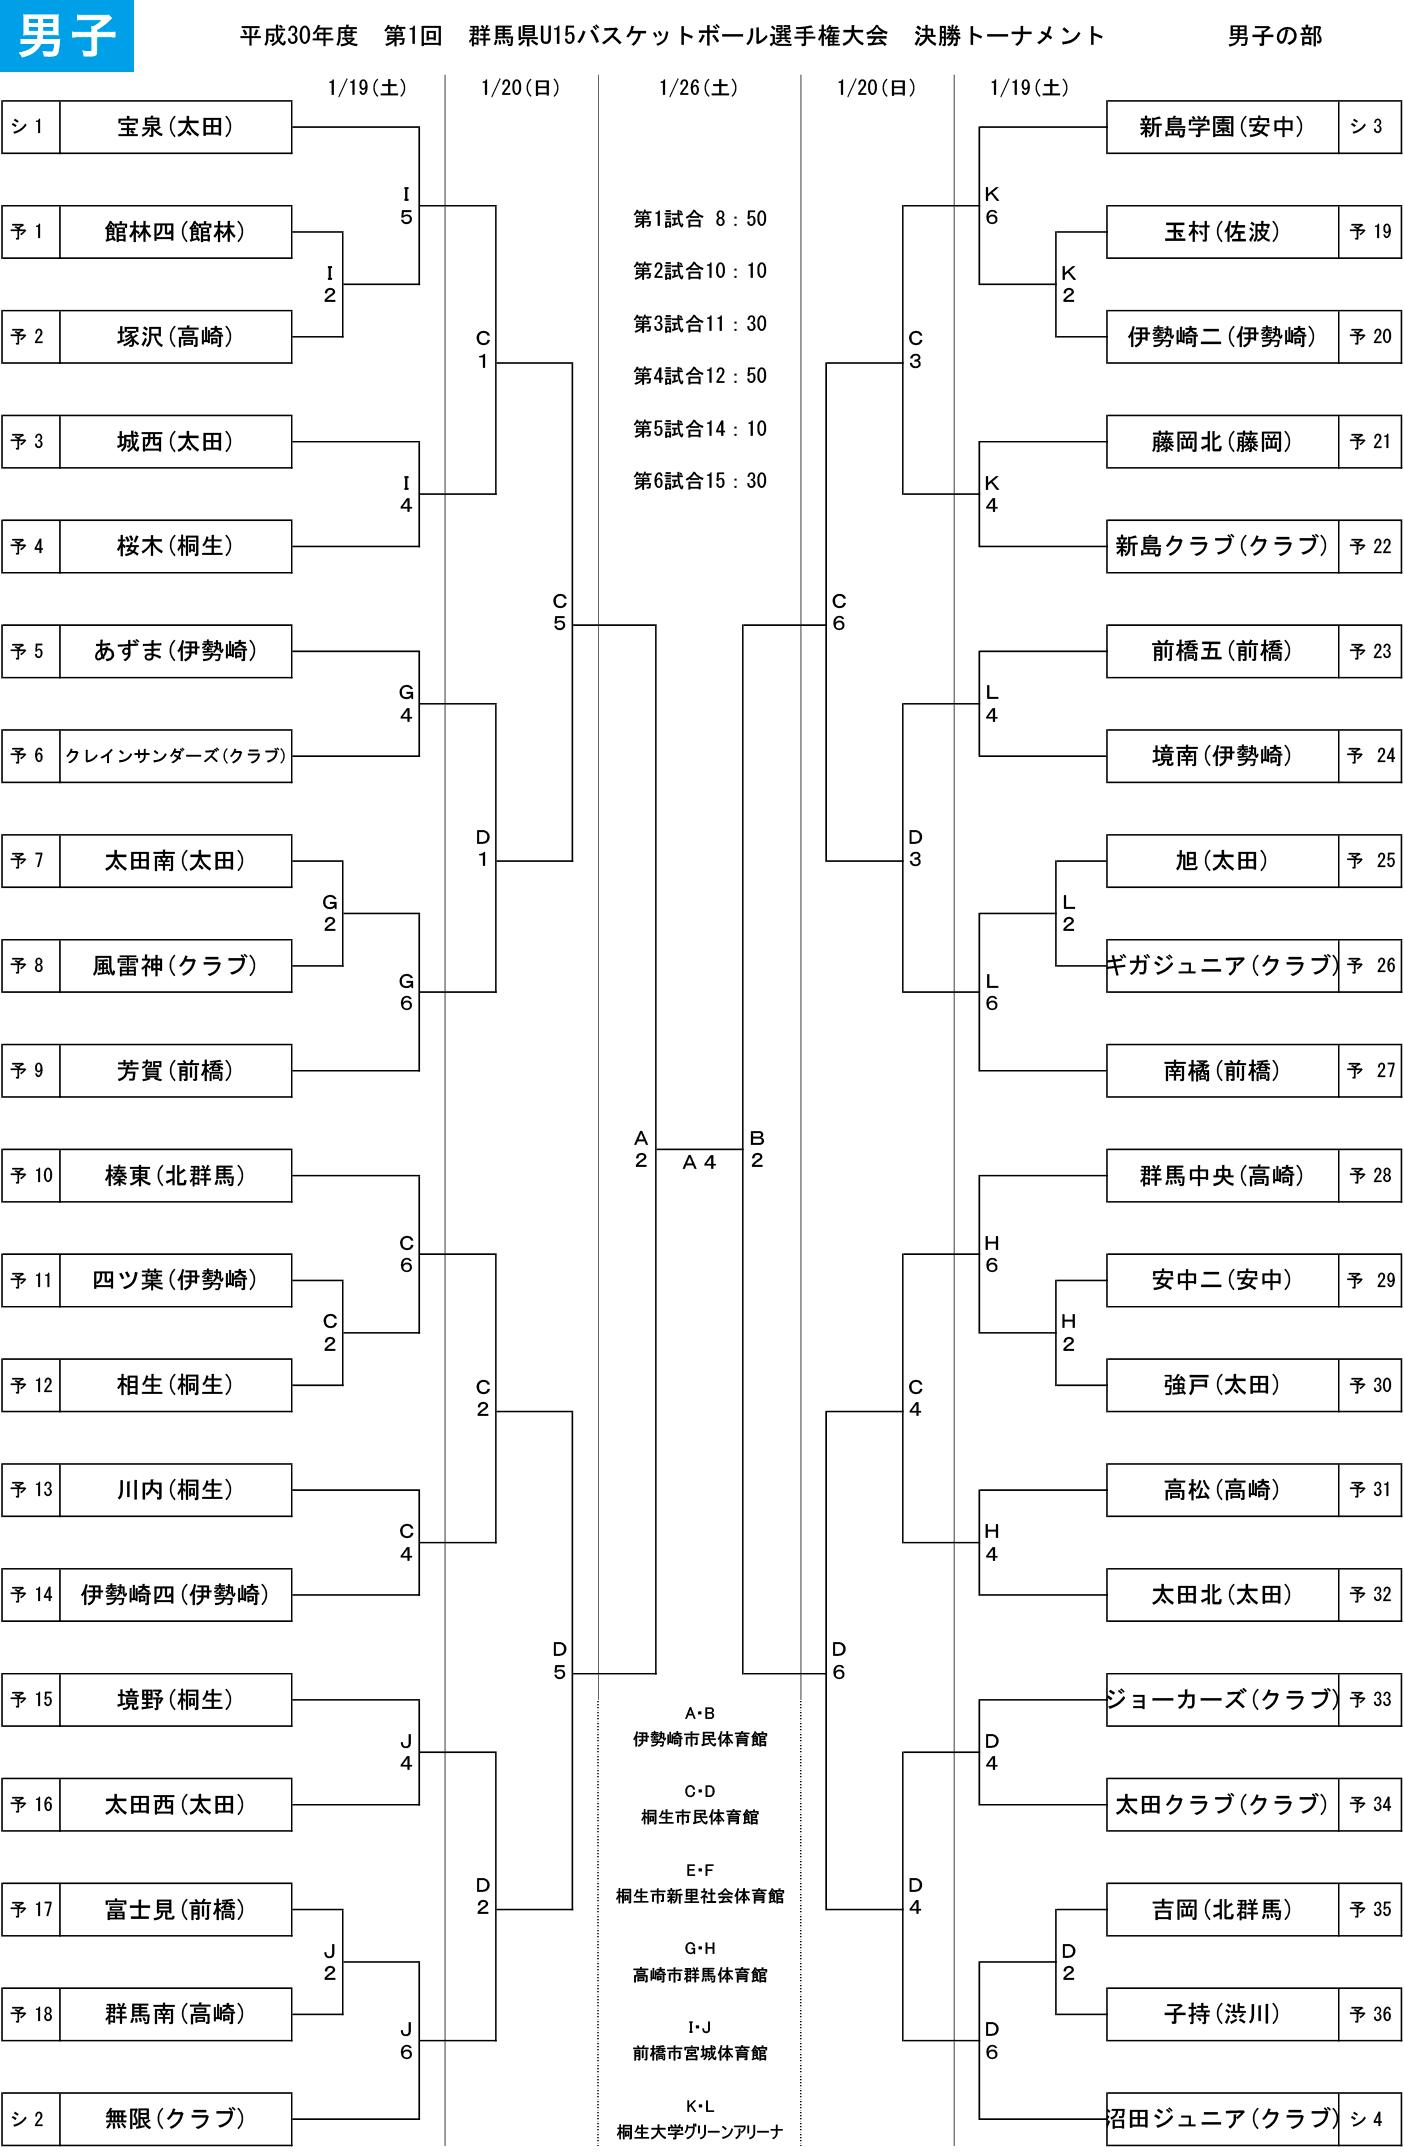 2018年度 第1回 群馬県u15選手権大会 群馬県バスケットボール協会